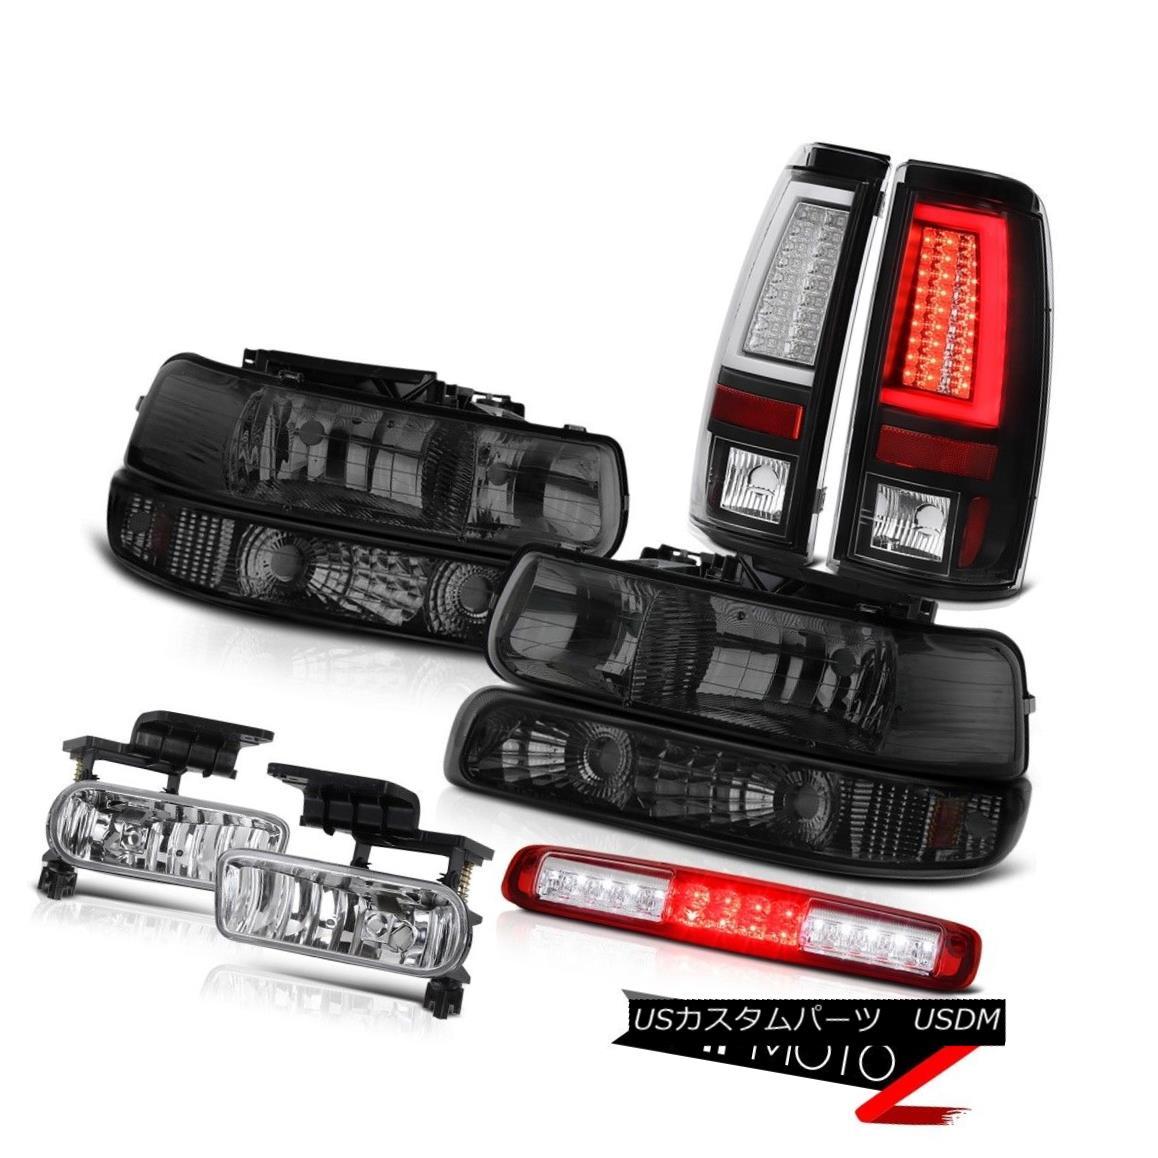 テールライト 1999-2002 Silverado Z71 Tail Lights Headlamps Bumper Lamp Third Brake Foglamps 1999-2002 Silverado Z71テールライトヘッドランプバンパーランプ第3ブレーキフォグランプ